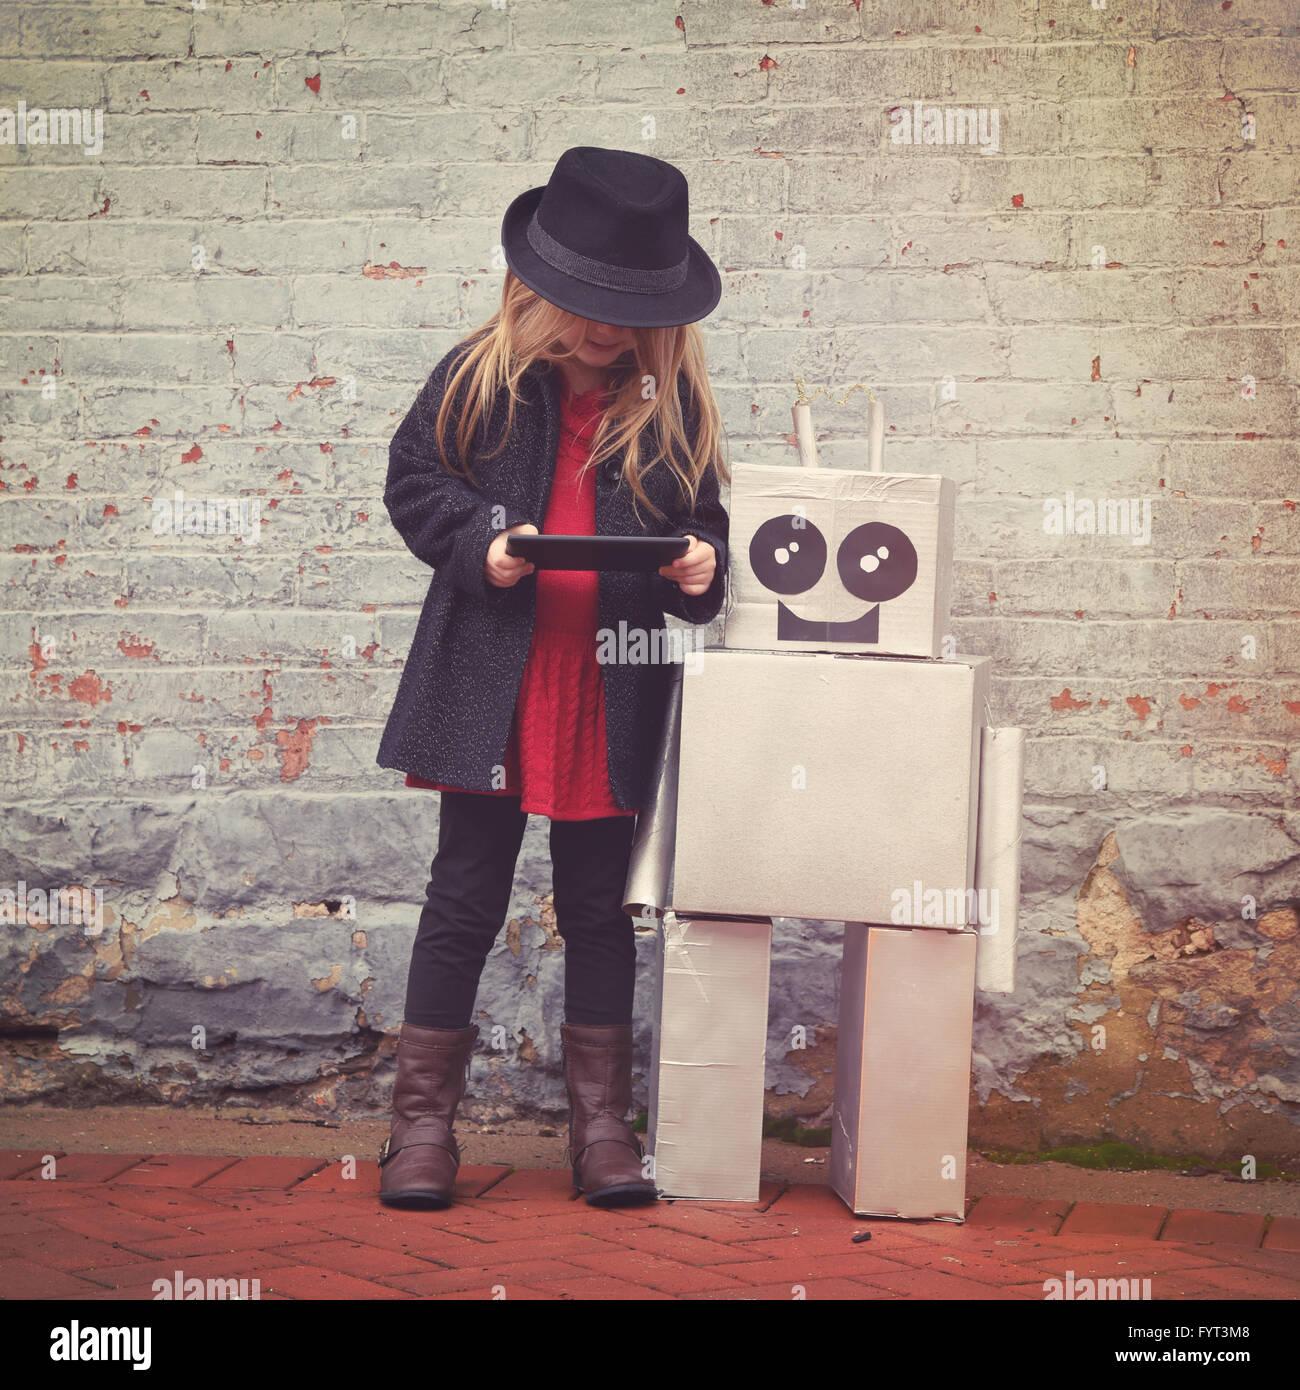 Ein kleines Hipster Kind tragen hält einen Tablet mit ihrem Spielzeug-Roboter-Freund Innenstadt für ein Stockbild